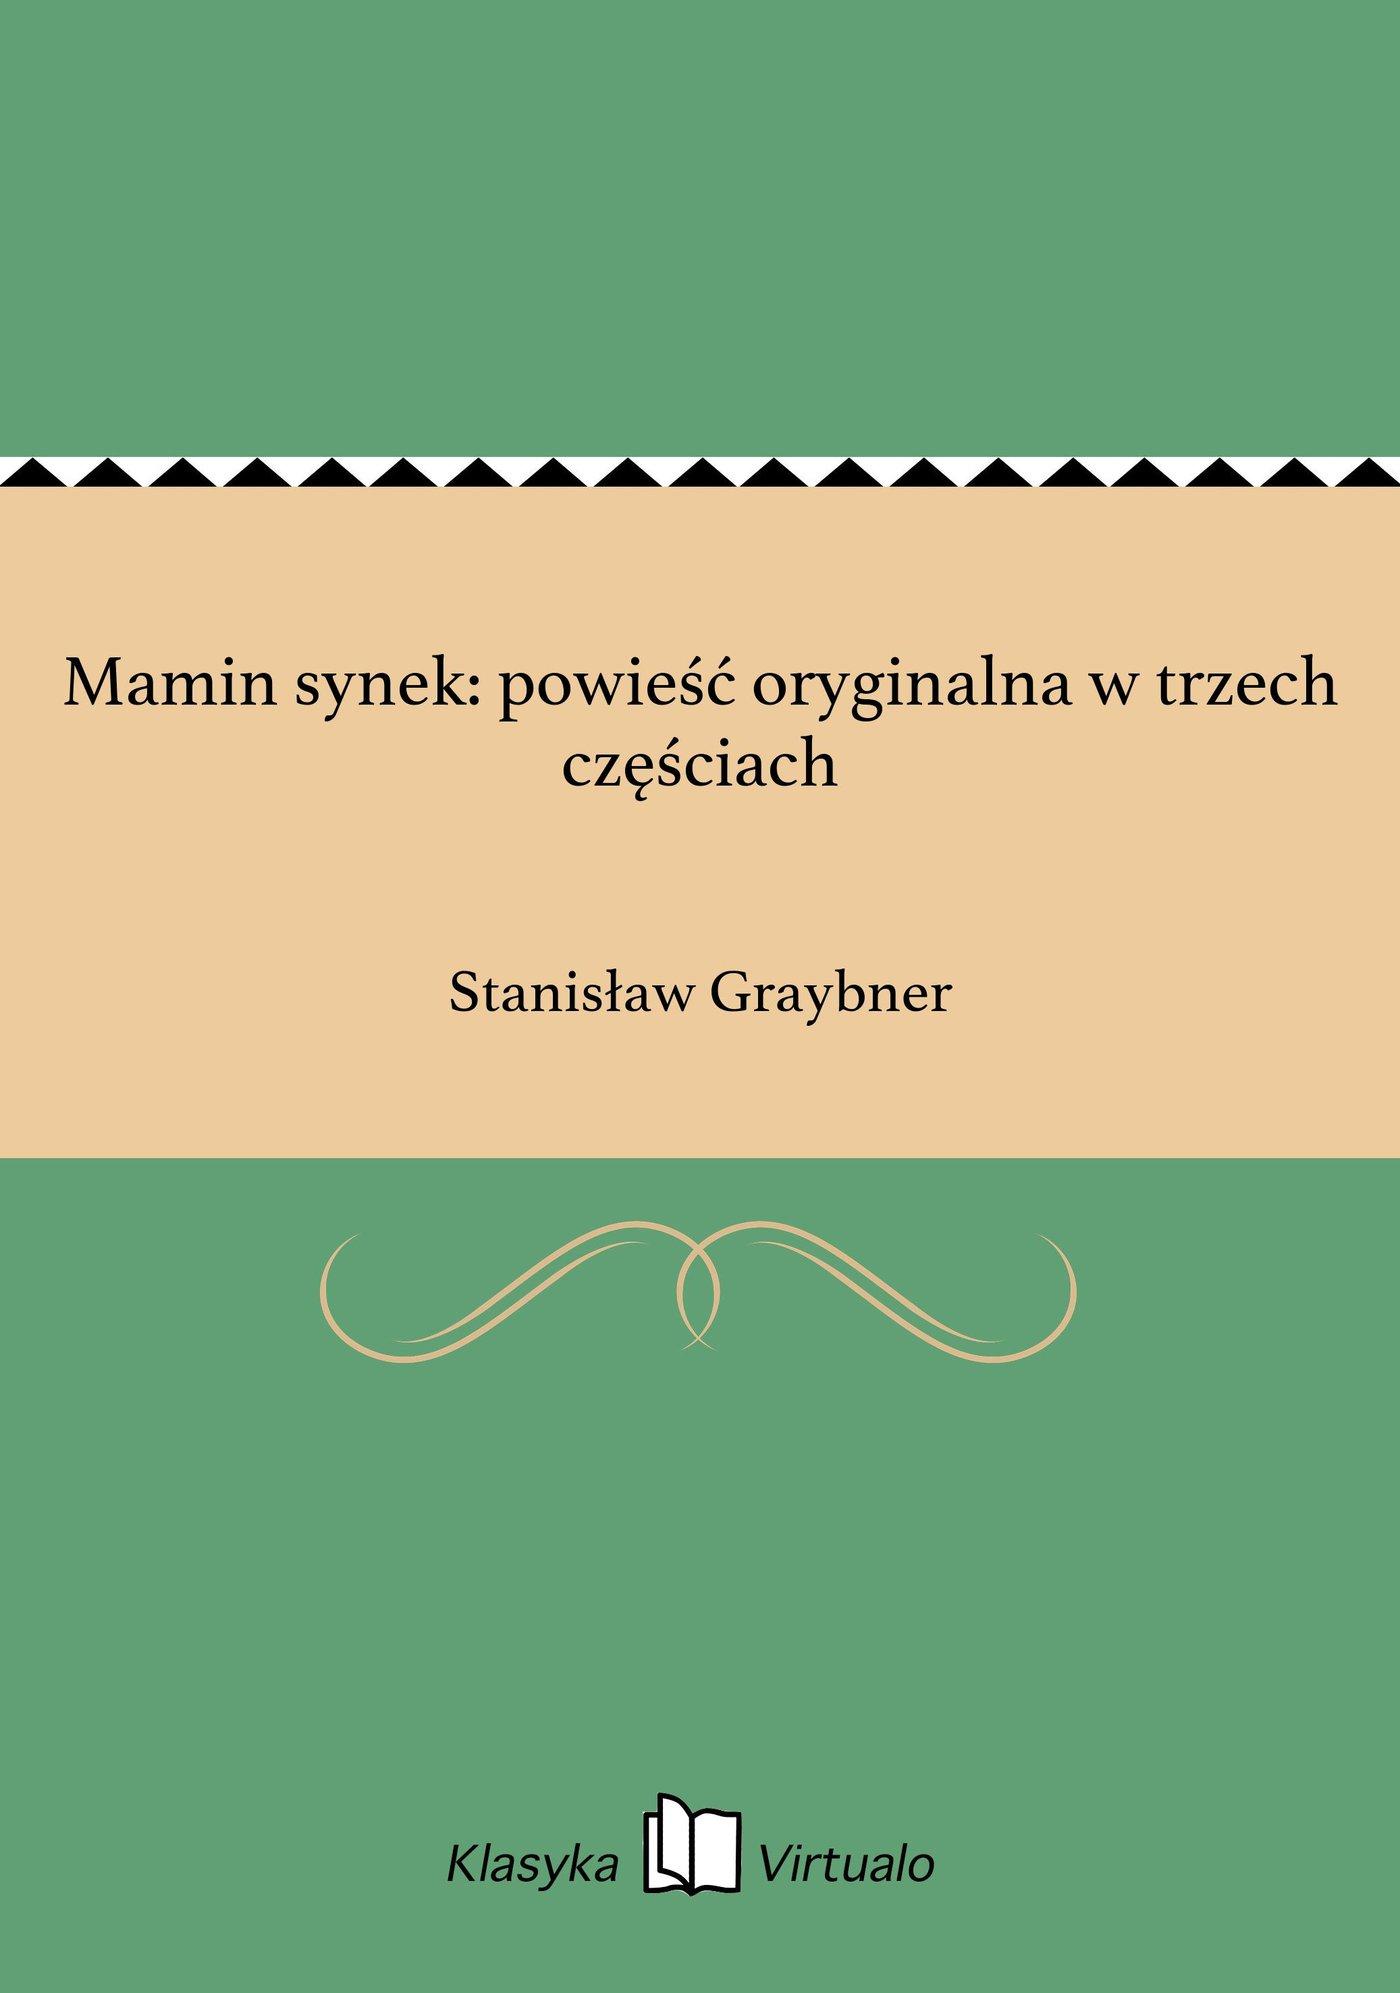 Mamin synek: powieść oryginalna w trzech częściach - Ebook (Książka EPUB) do pobrania w formacie EPUB